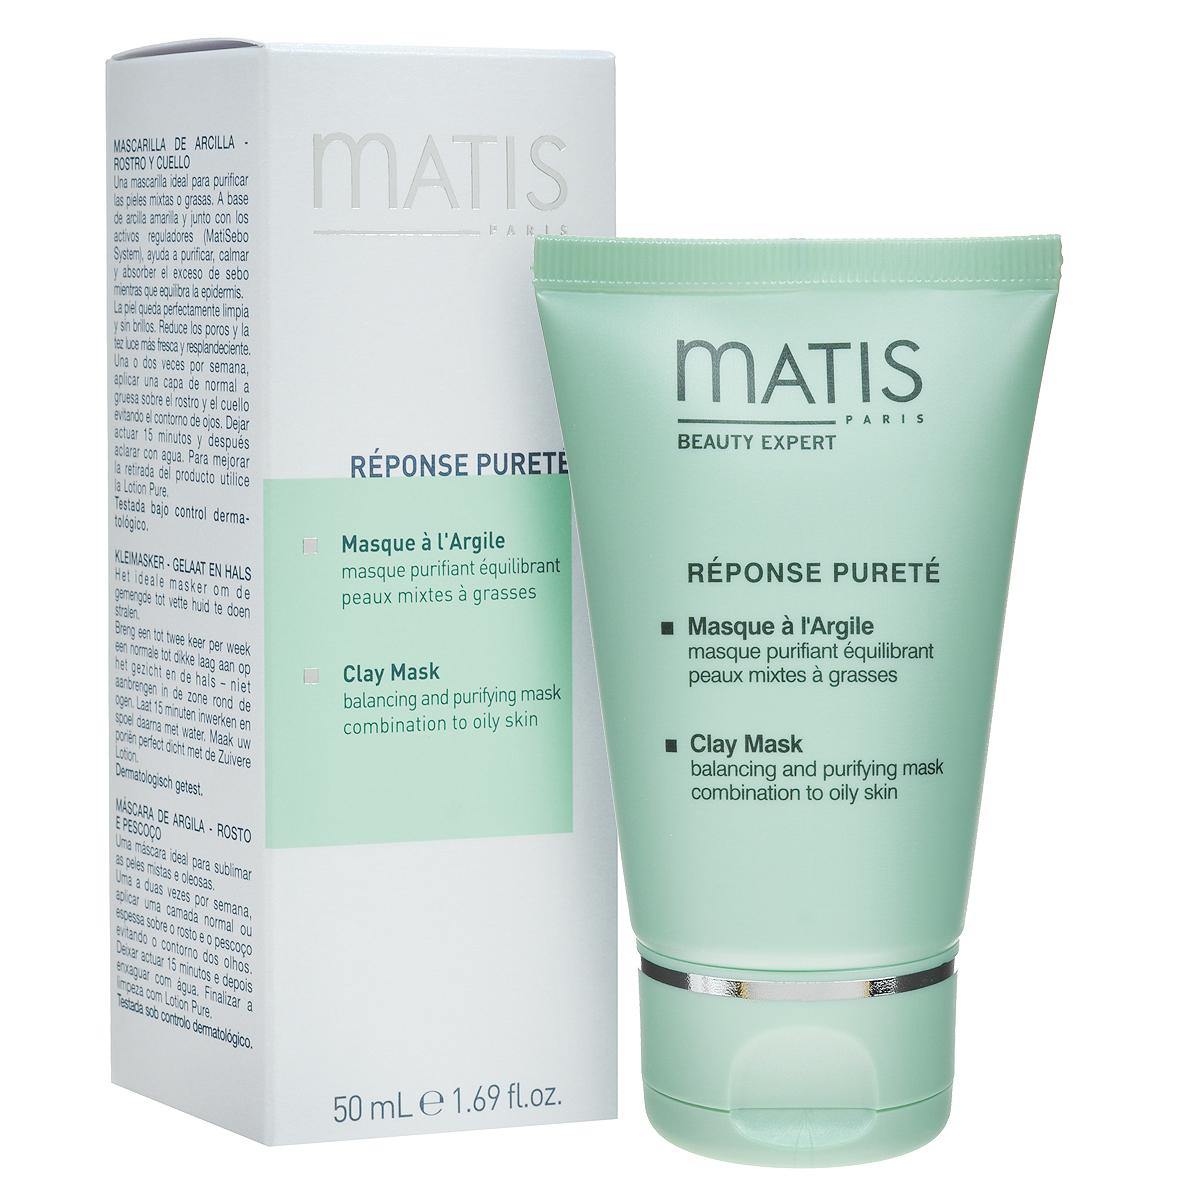 Matis Маска для лица Линия жирной кожи, очищающая, балансирующая, 50 мл36528Кремовая маска с желтой глиной. Регулирует деятельность сальных желез. Тщательно очищает и дезинфицирует кожу. Оказывает успокаивающее и противовоспалительное действие. Глубоко очищает поры, тонизирует кожу, насыщает ее кислородом. Выводит токсины.MatiSebo инновационная система (сочетание особых кислот с экстрактом африканского дерева Энантия Хлоранта), Желтая глина.Нанесите толстым слоем на лицо и шею, избегая области вокруг глаз, на 15 минут. Смойте маску теплой водой, затем протрите кожу ватным диском, пропитанным Лосьоном очищающим для жирной кожи.